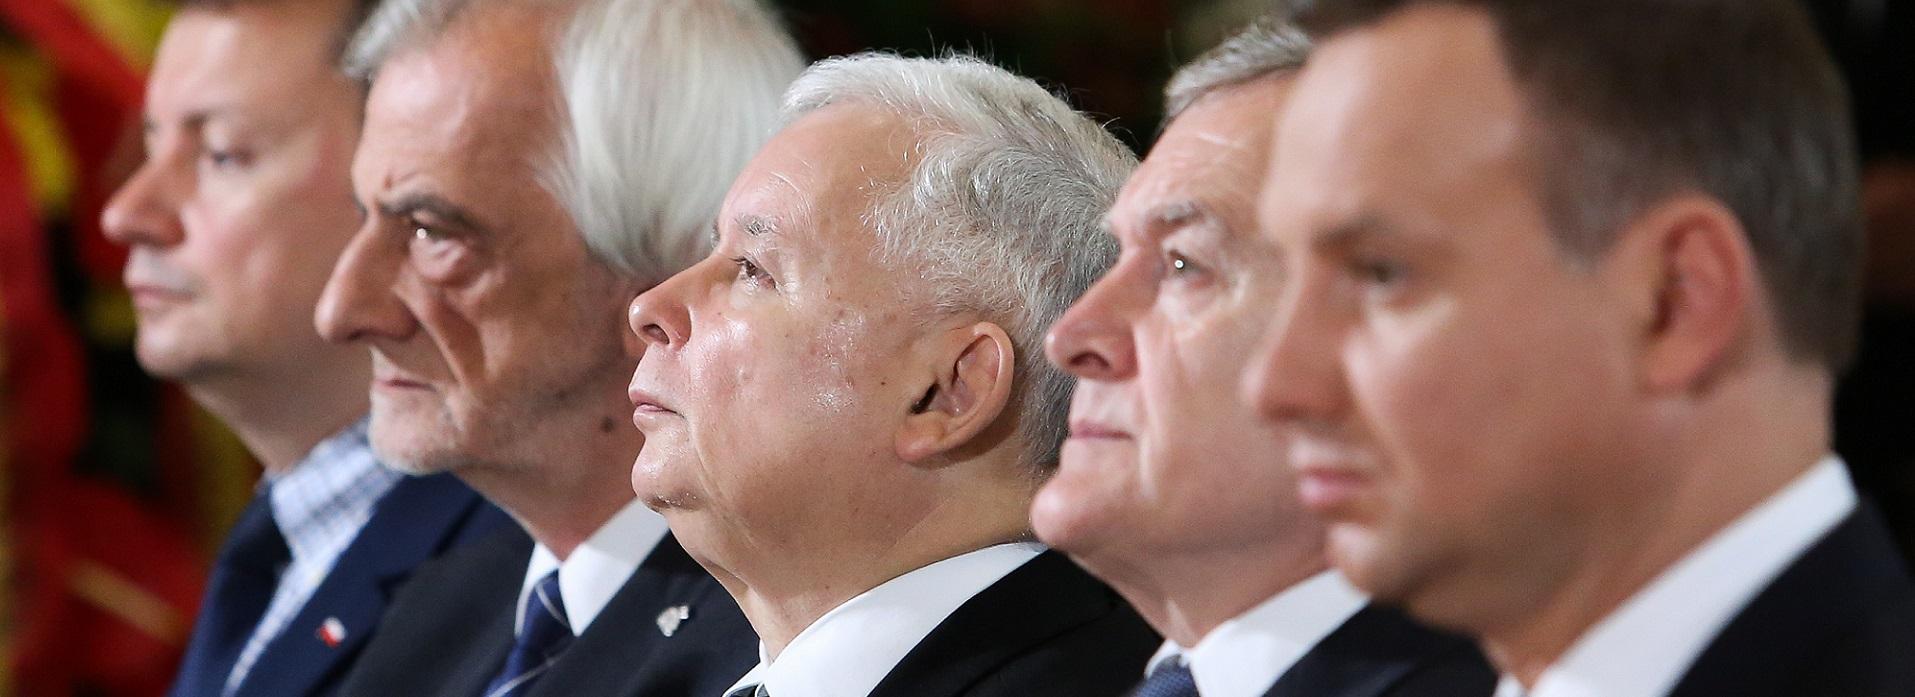 Wicemarszałek Sejmu Ryszard Terlecki: To nie sondaże wygrywają wybory, tylko nasze głosy w lokalach wyborczych